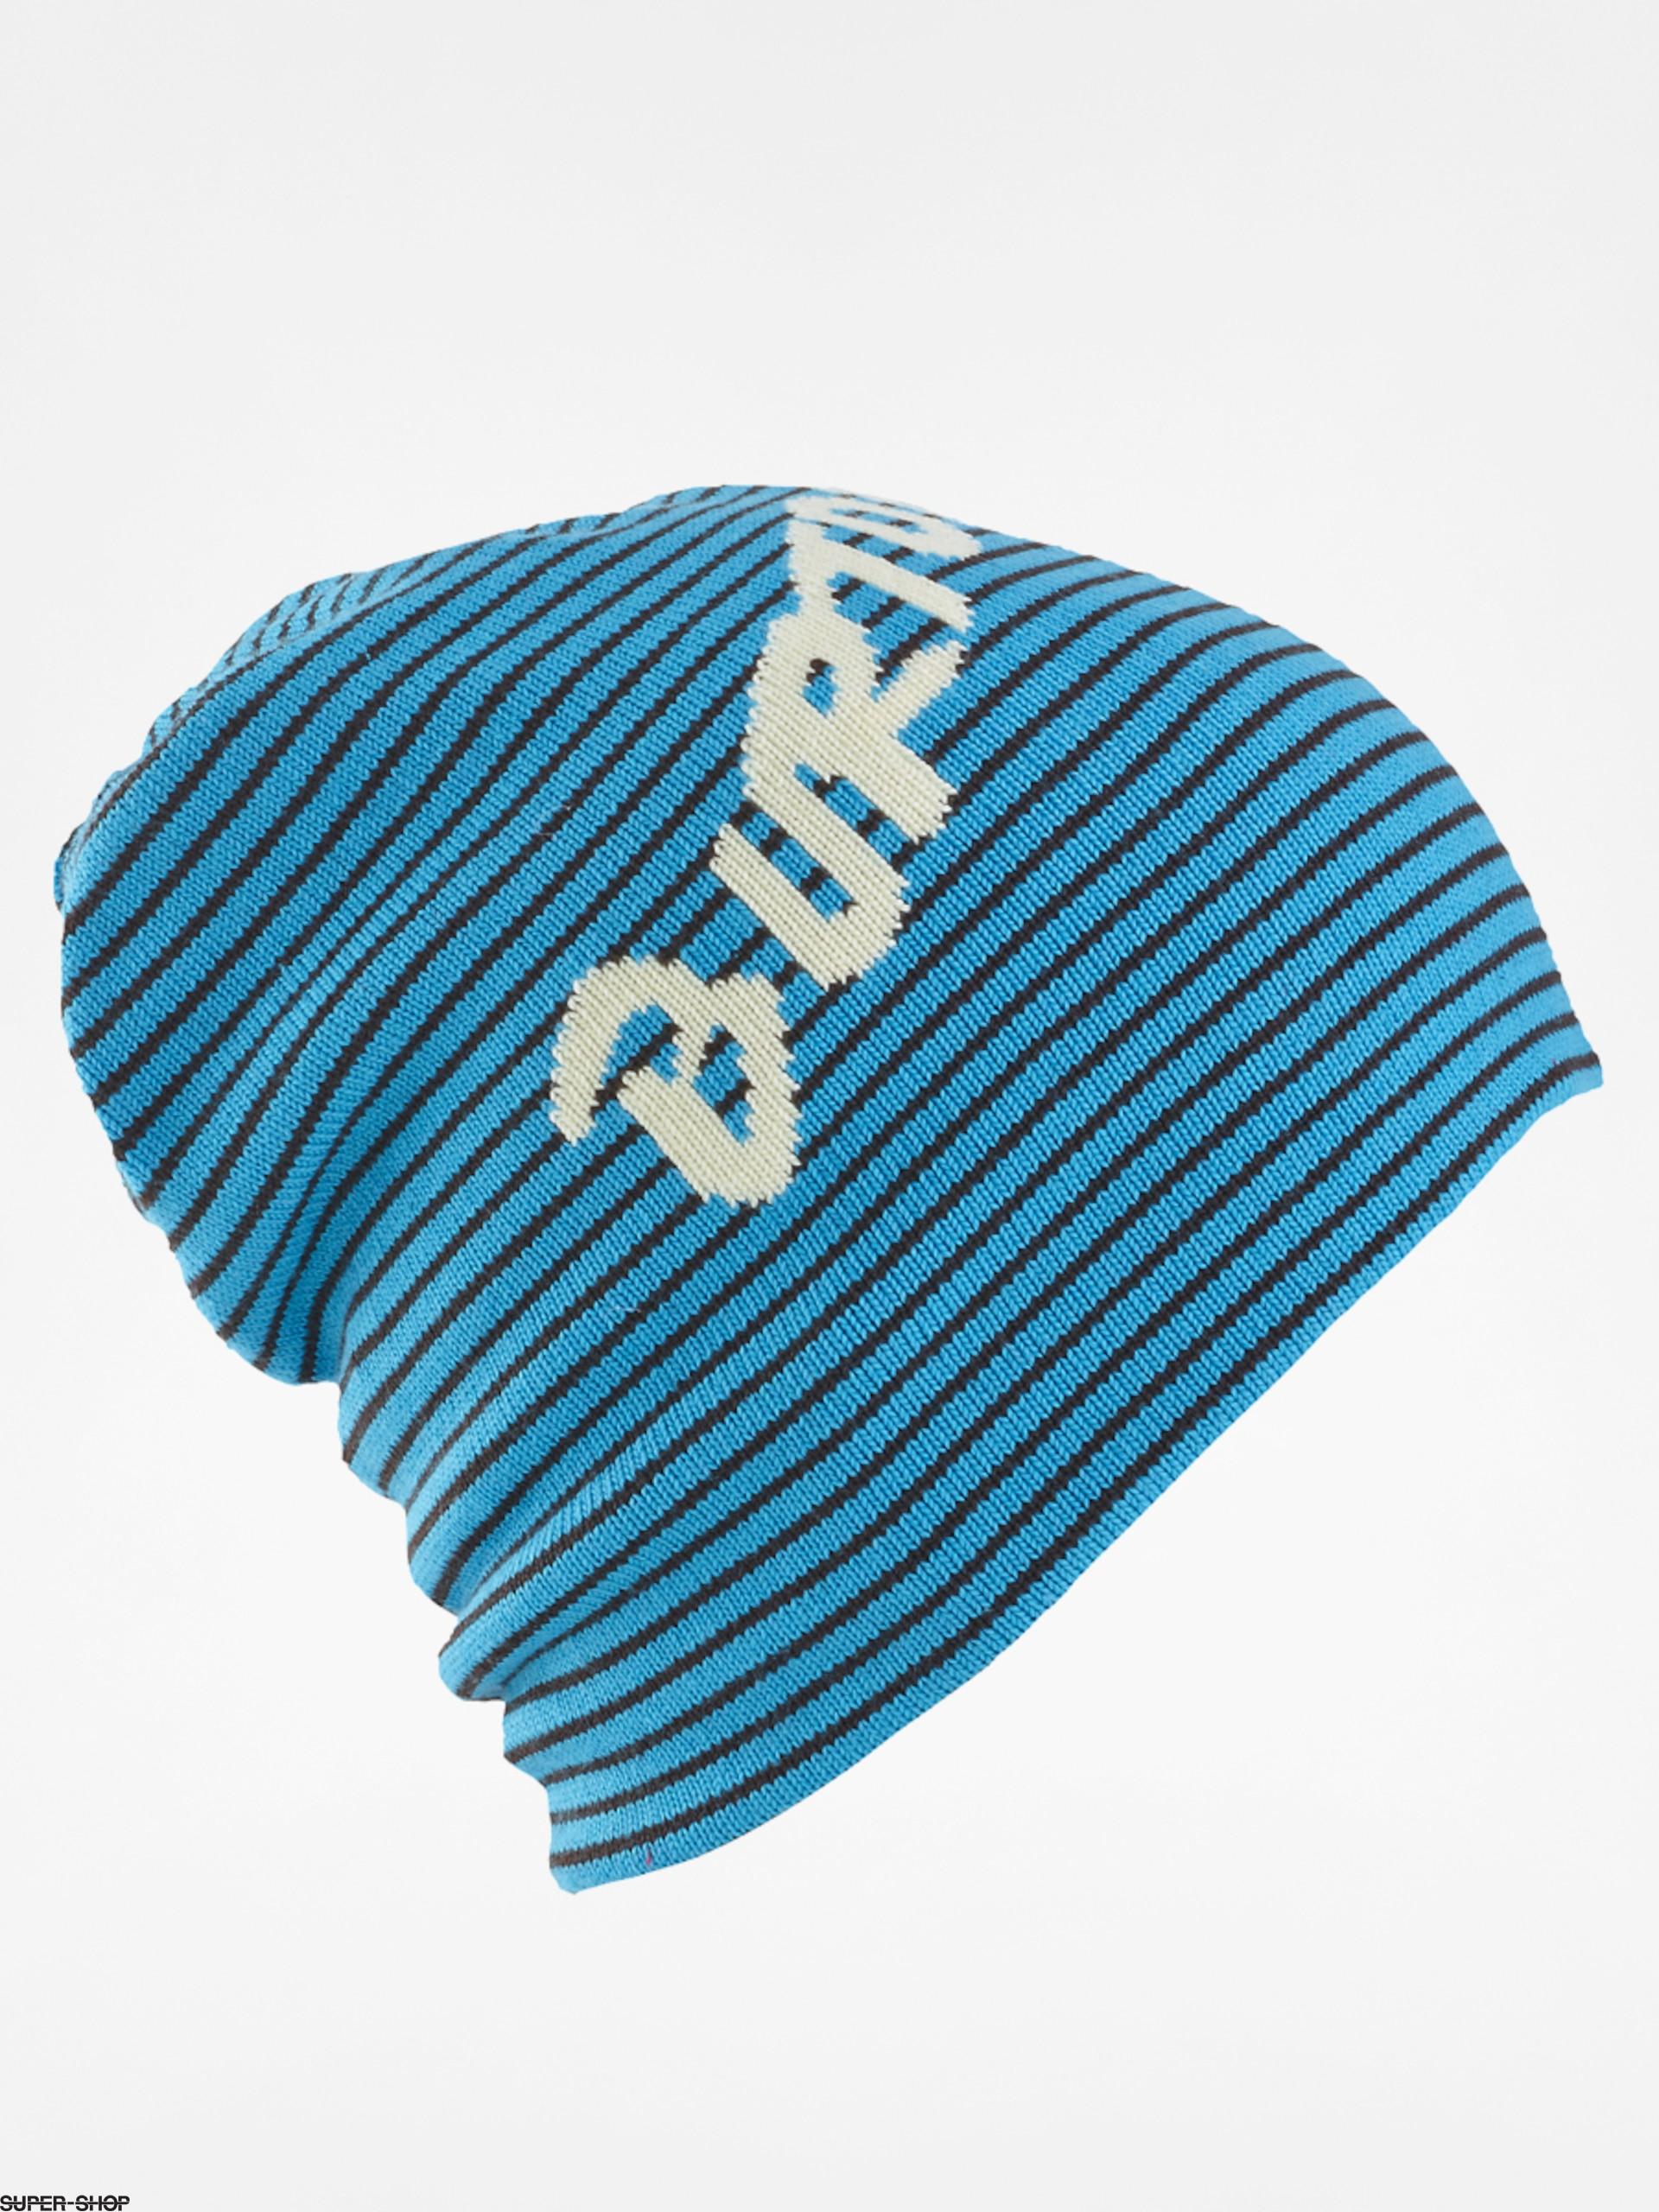 cd6ccb092aa 747848-w1920-burton-beanie-marquee-beanie-glacier-blue-mocha.jpg